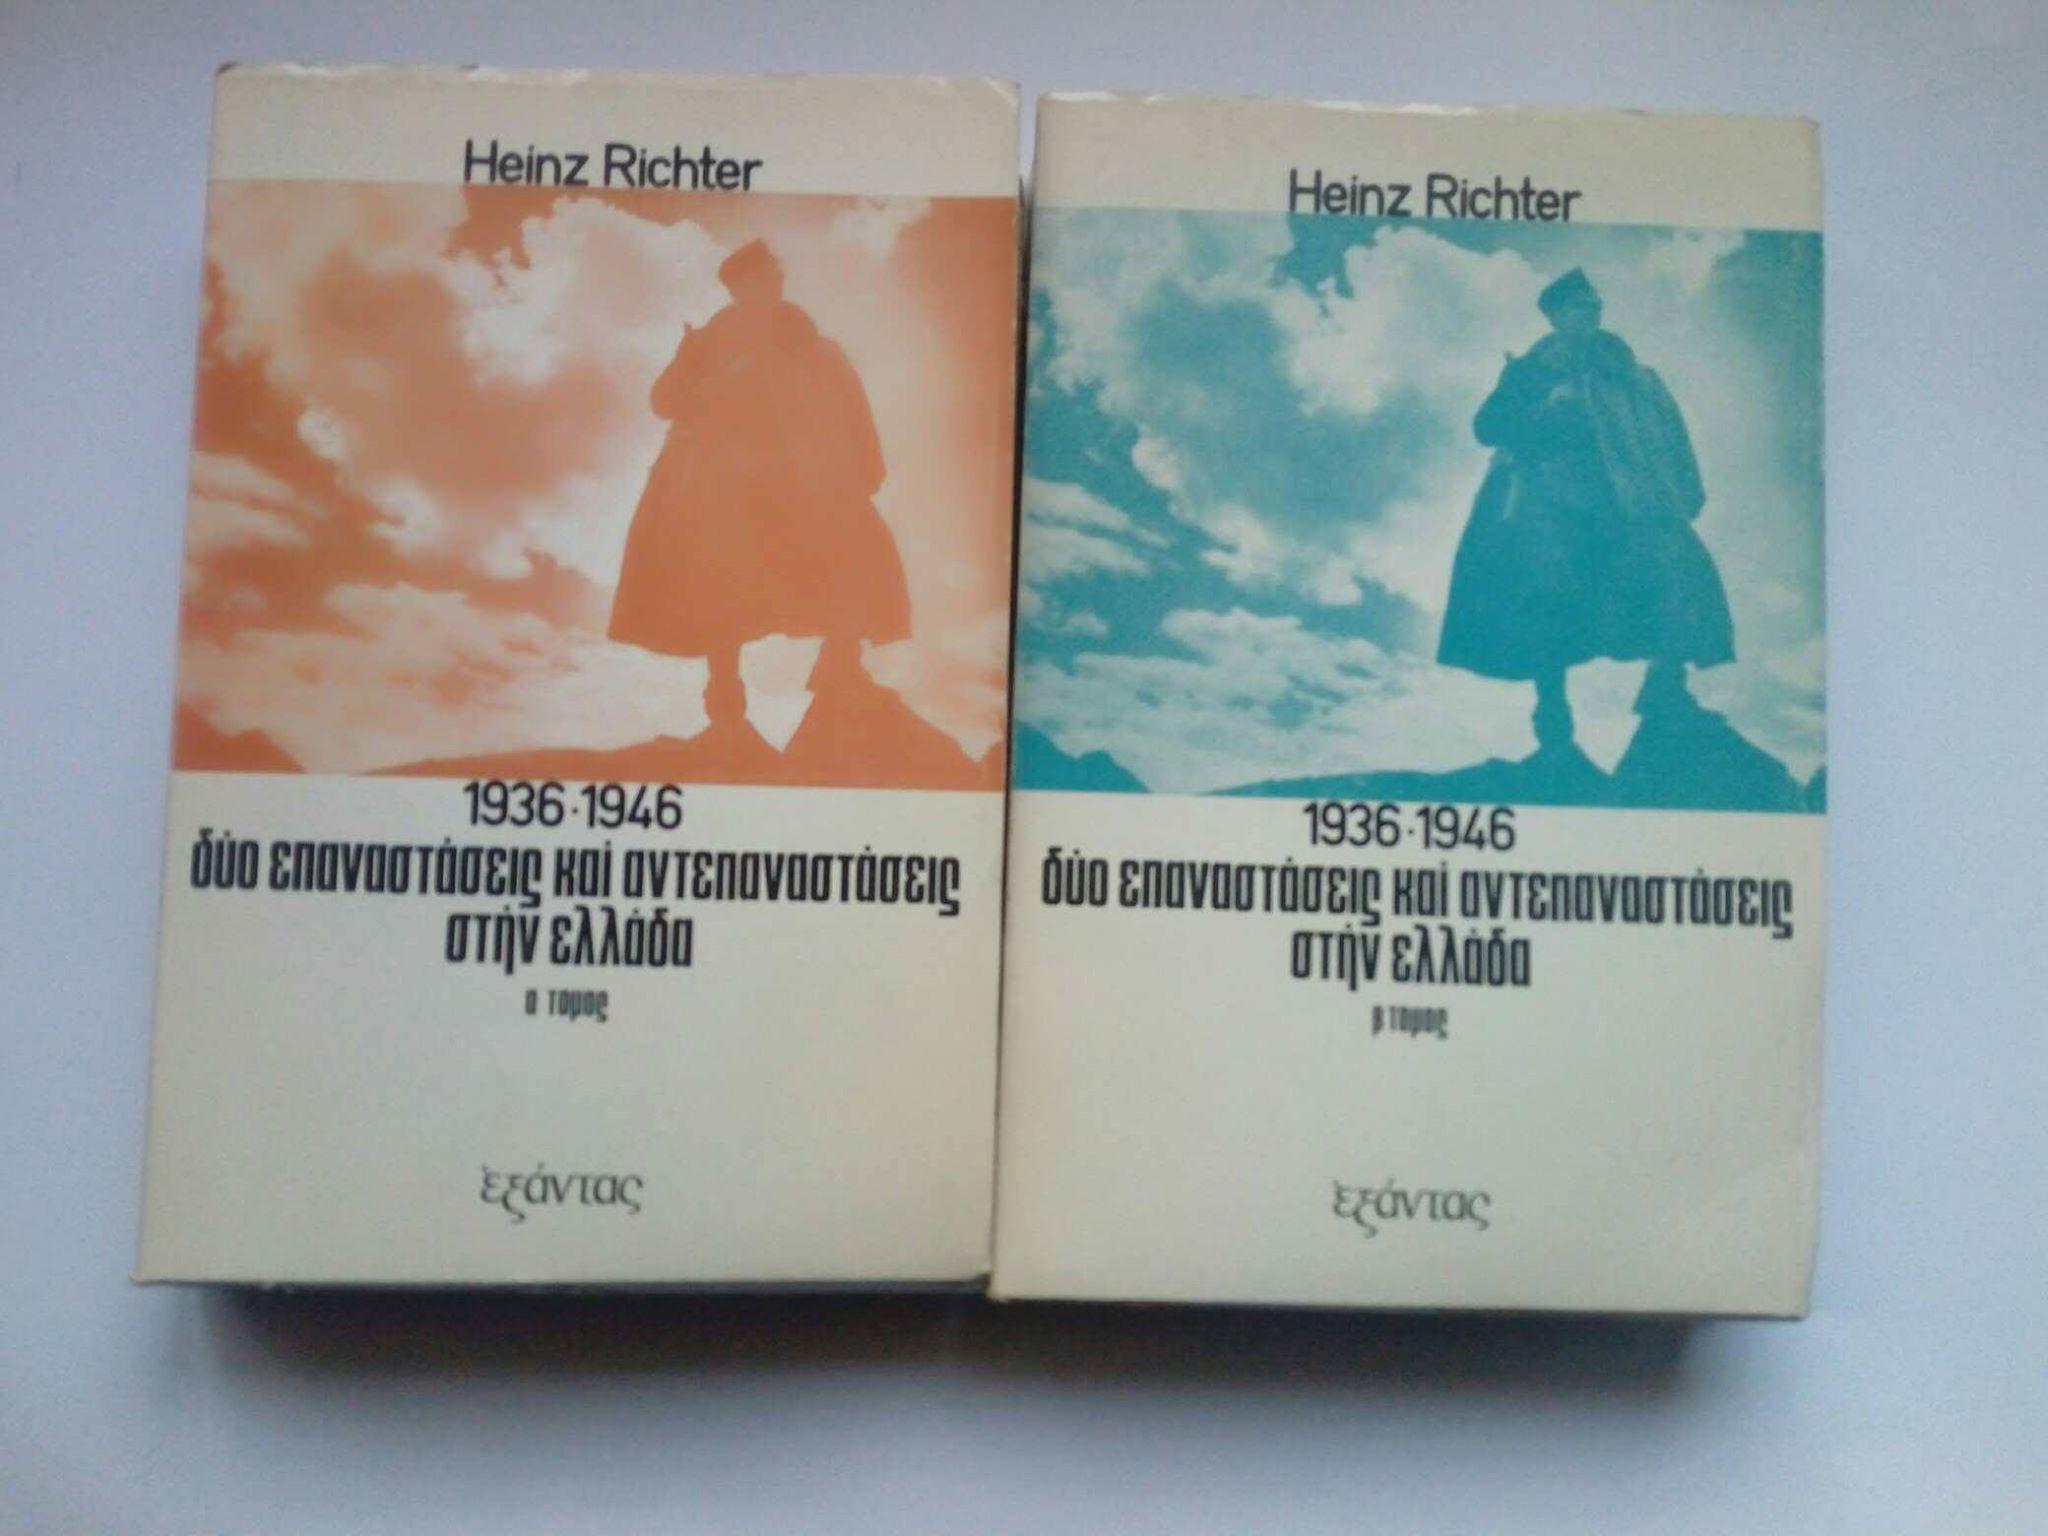 1936-1946 Δύο επαναστάσεις και αντεπαναστάσεις στην Ελλάδα Heinz Richter Εξάντας τόμοι 2 εξαντλημένο στον εκδότη